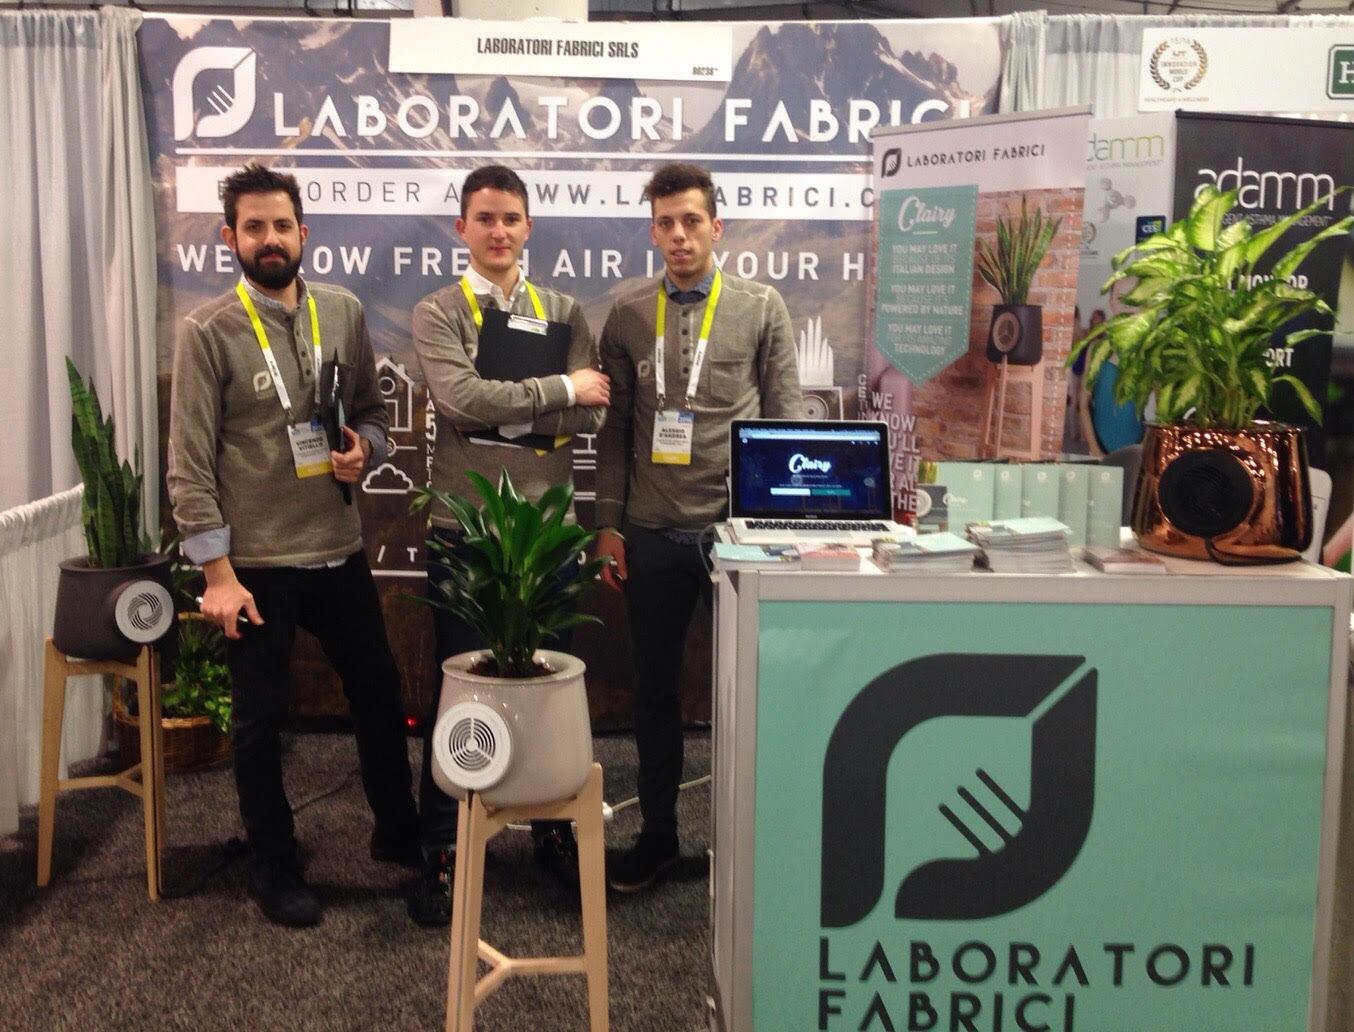 team laboratori fabrici